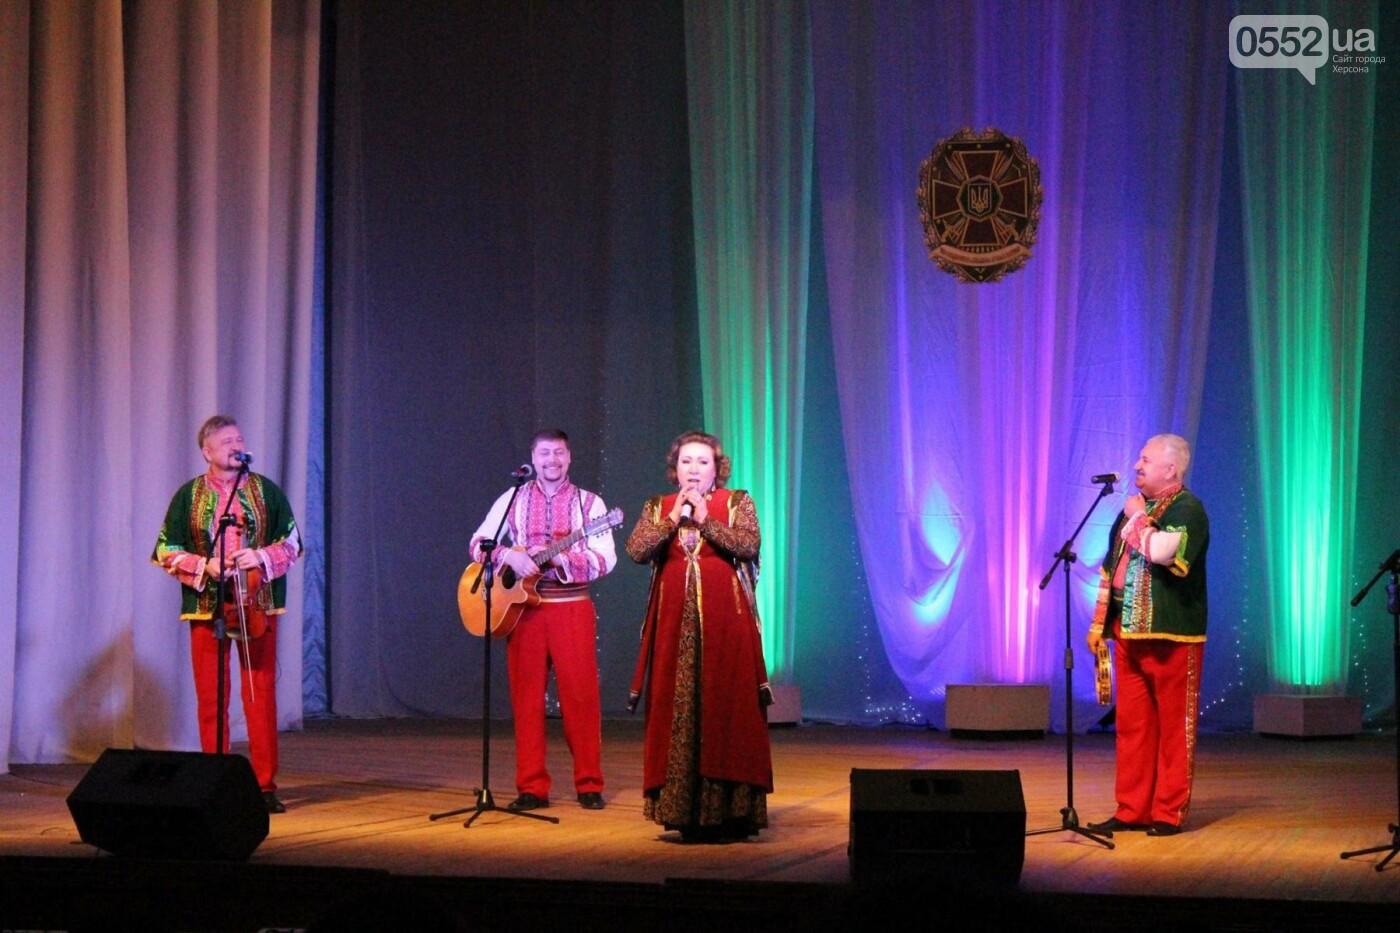 В Херсоне выступил Академический ансамбль песни и танца НГУ, фото-2